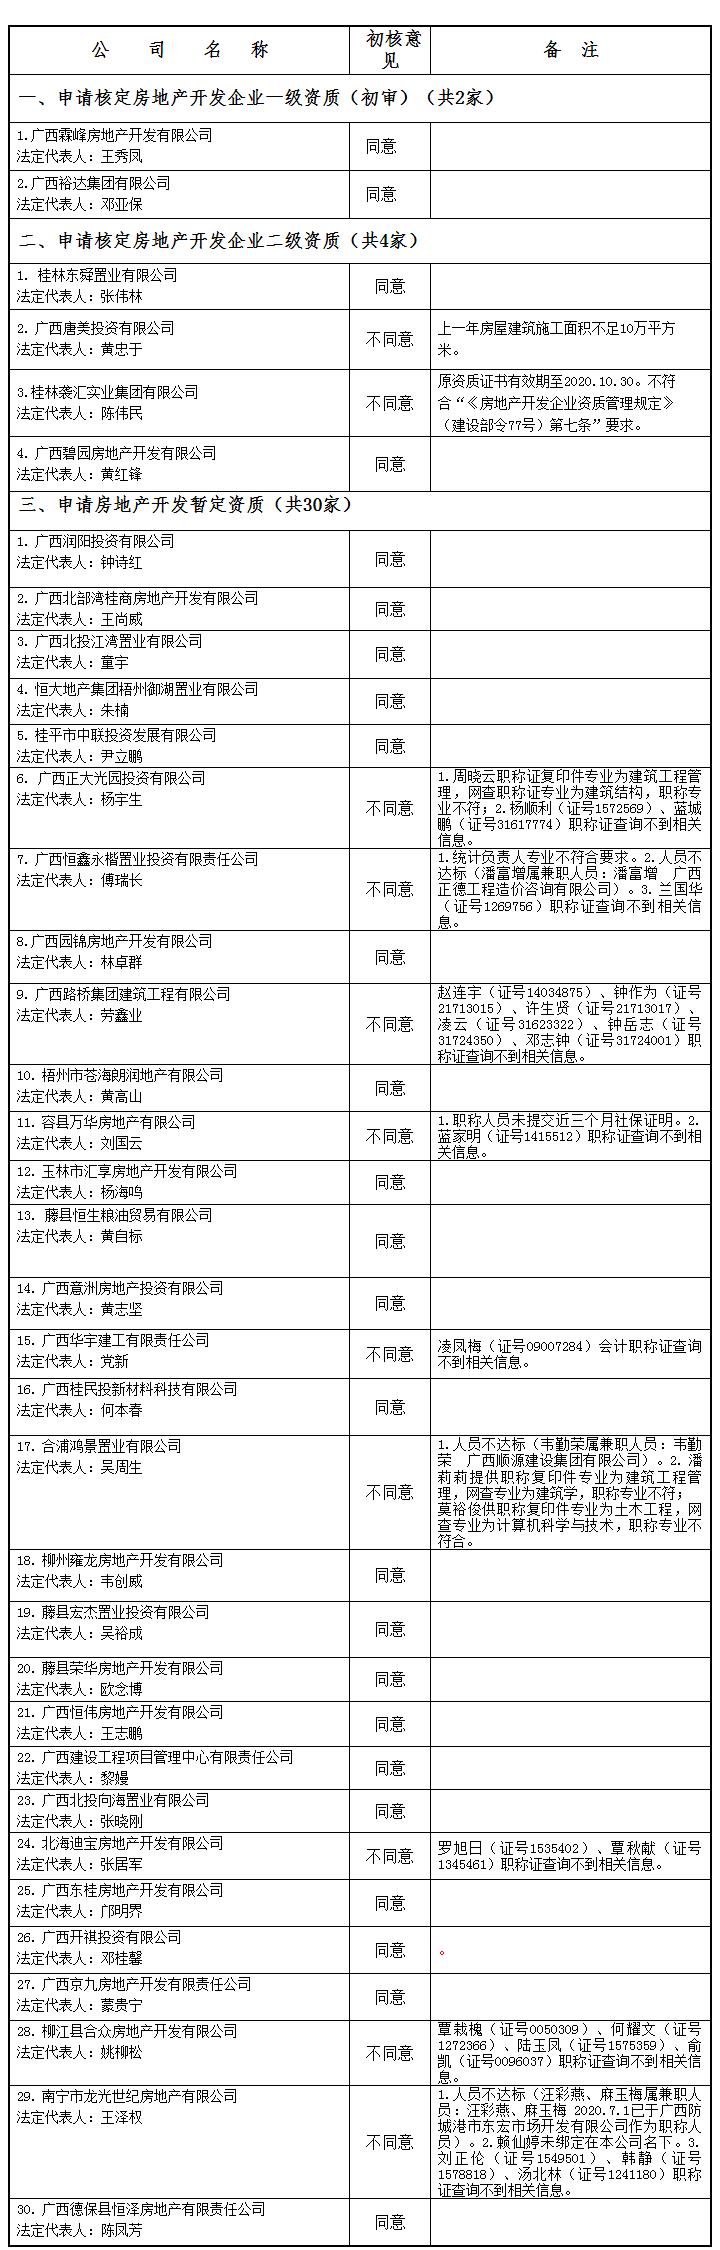 广西住房和城乡建设厅网站--_关于公布2020年第18批房地产企业资质(资格)结果的公告(第1777副本.png